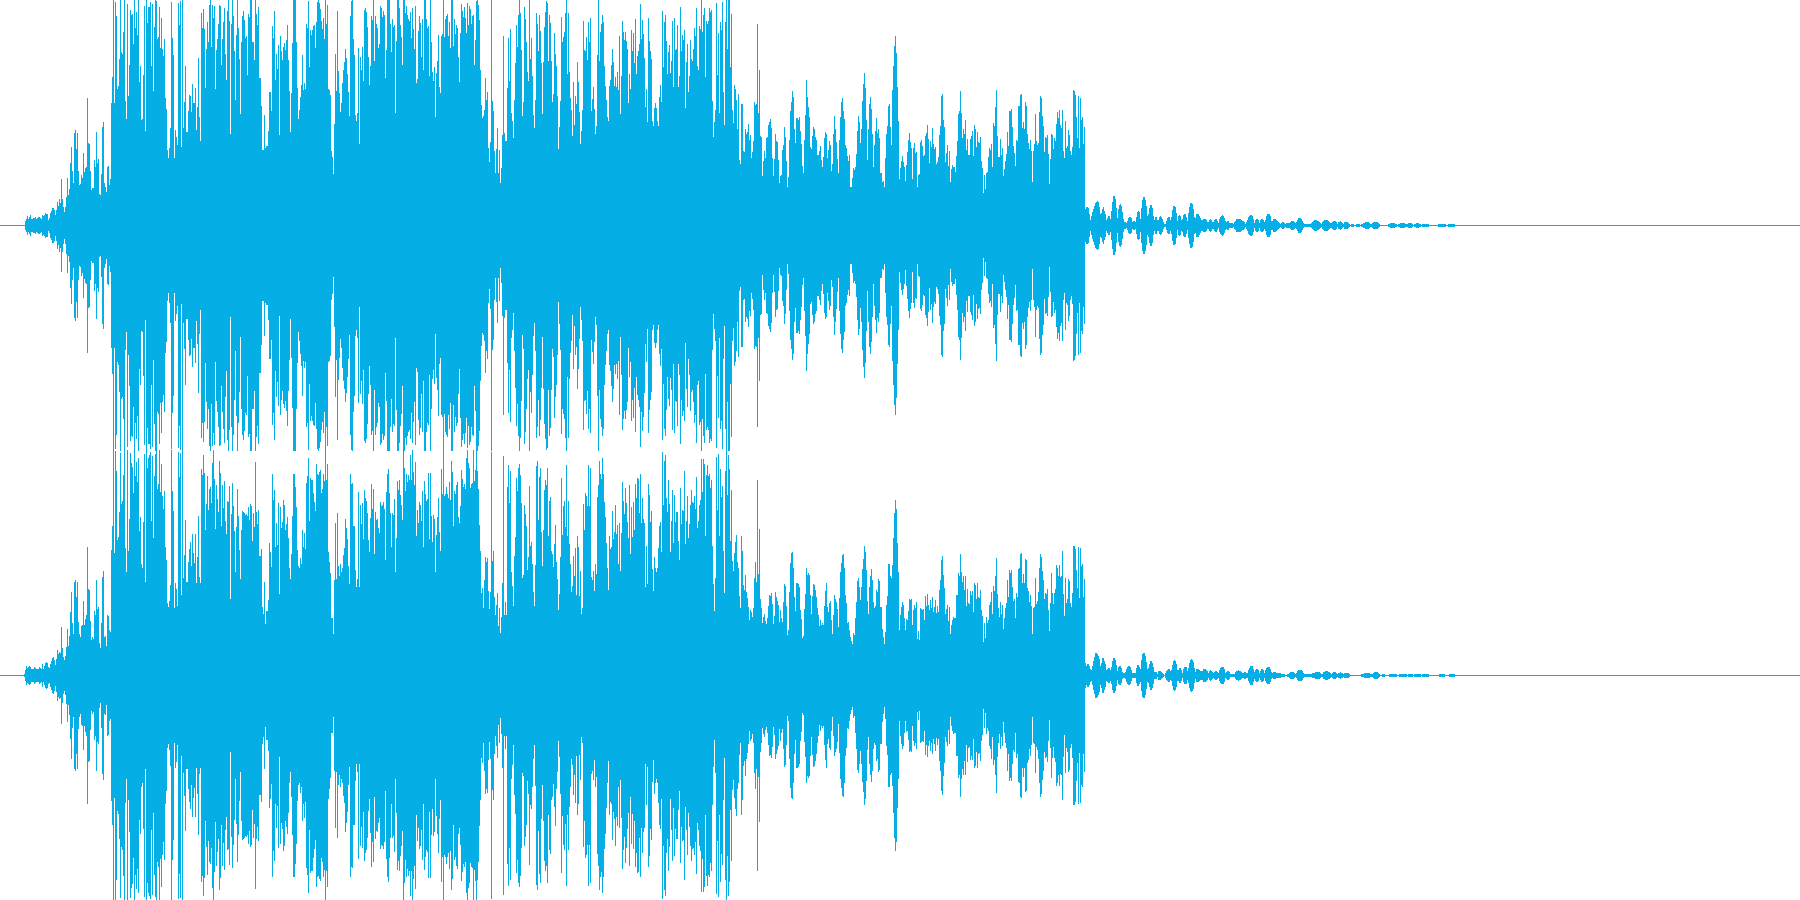 カチコチカチの再生済みの波形